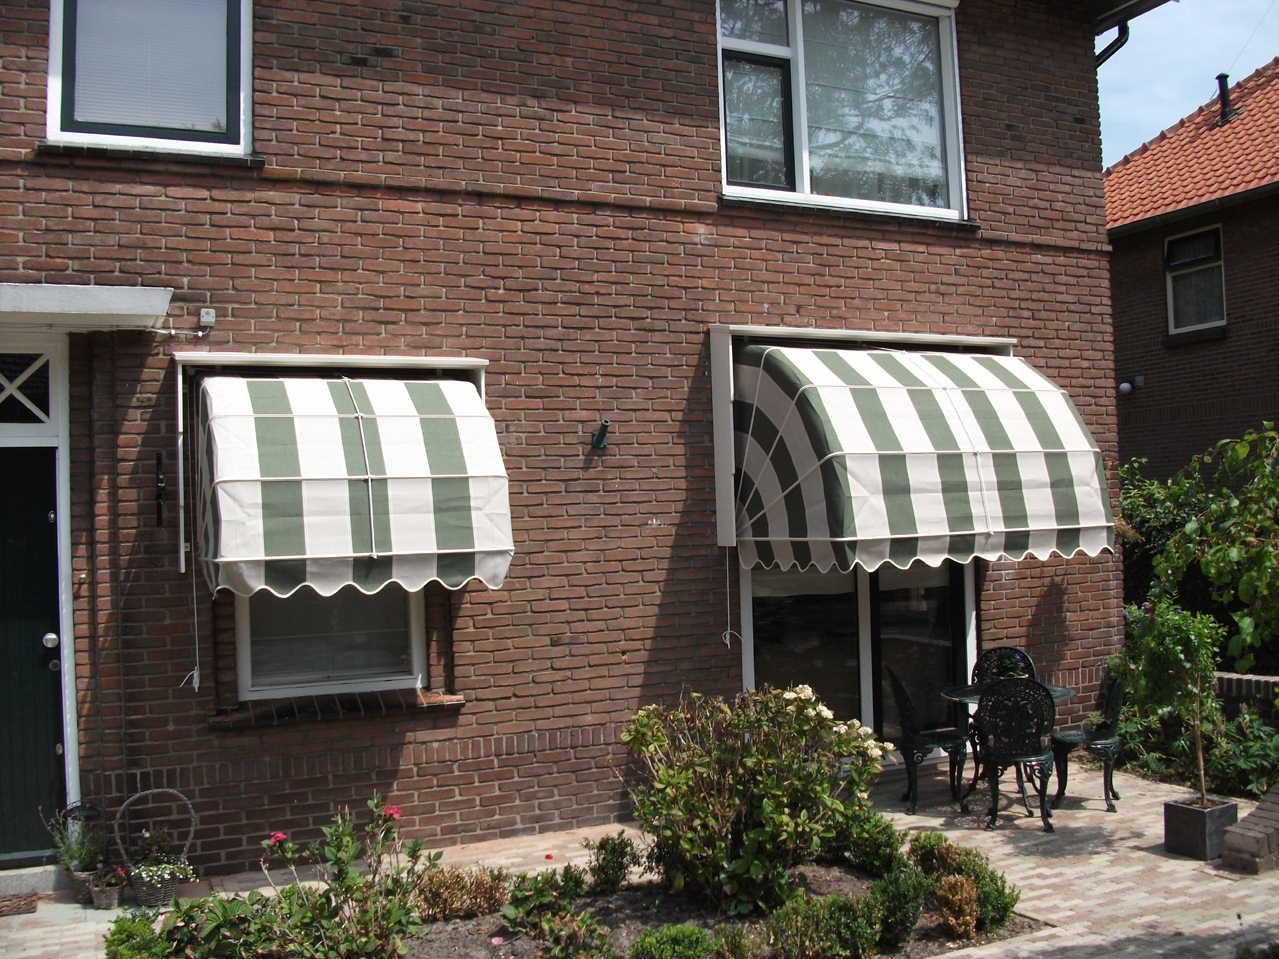 Aluminium markiezen, ral 9001.: www.zbnridderkerk.nl/home/index_1.php?page=fotoalbum&cat=Producten...